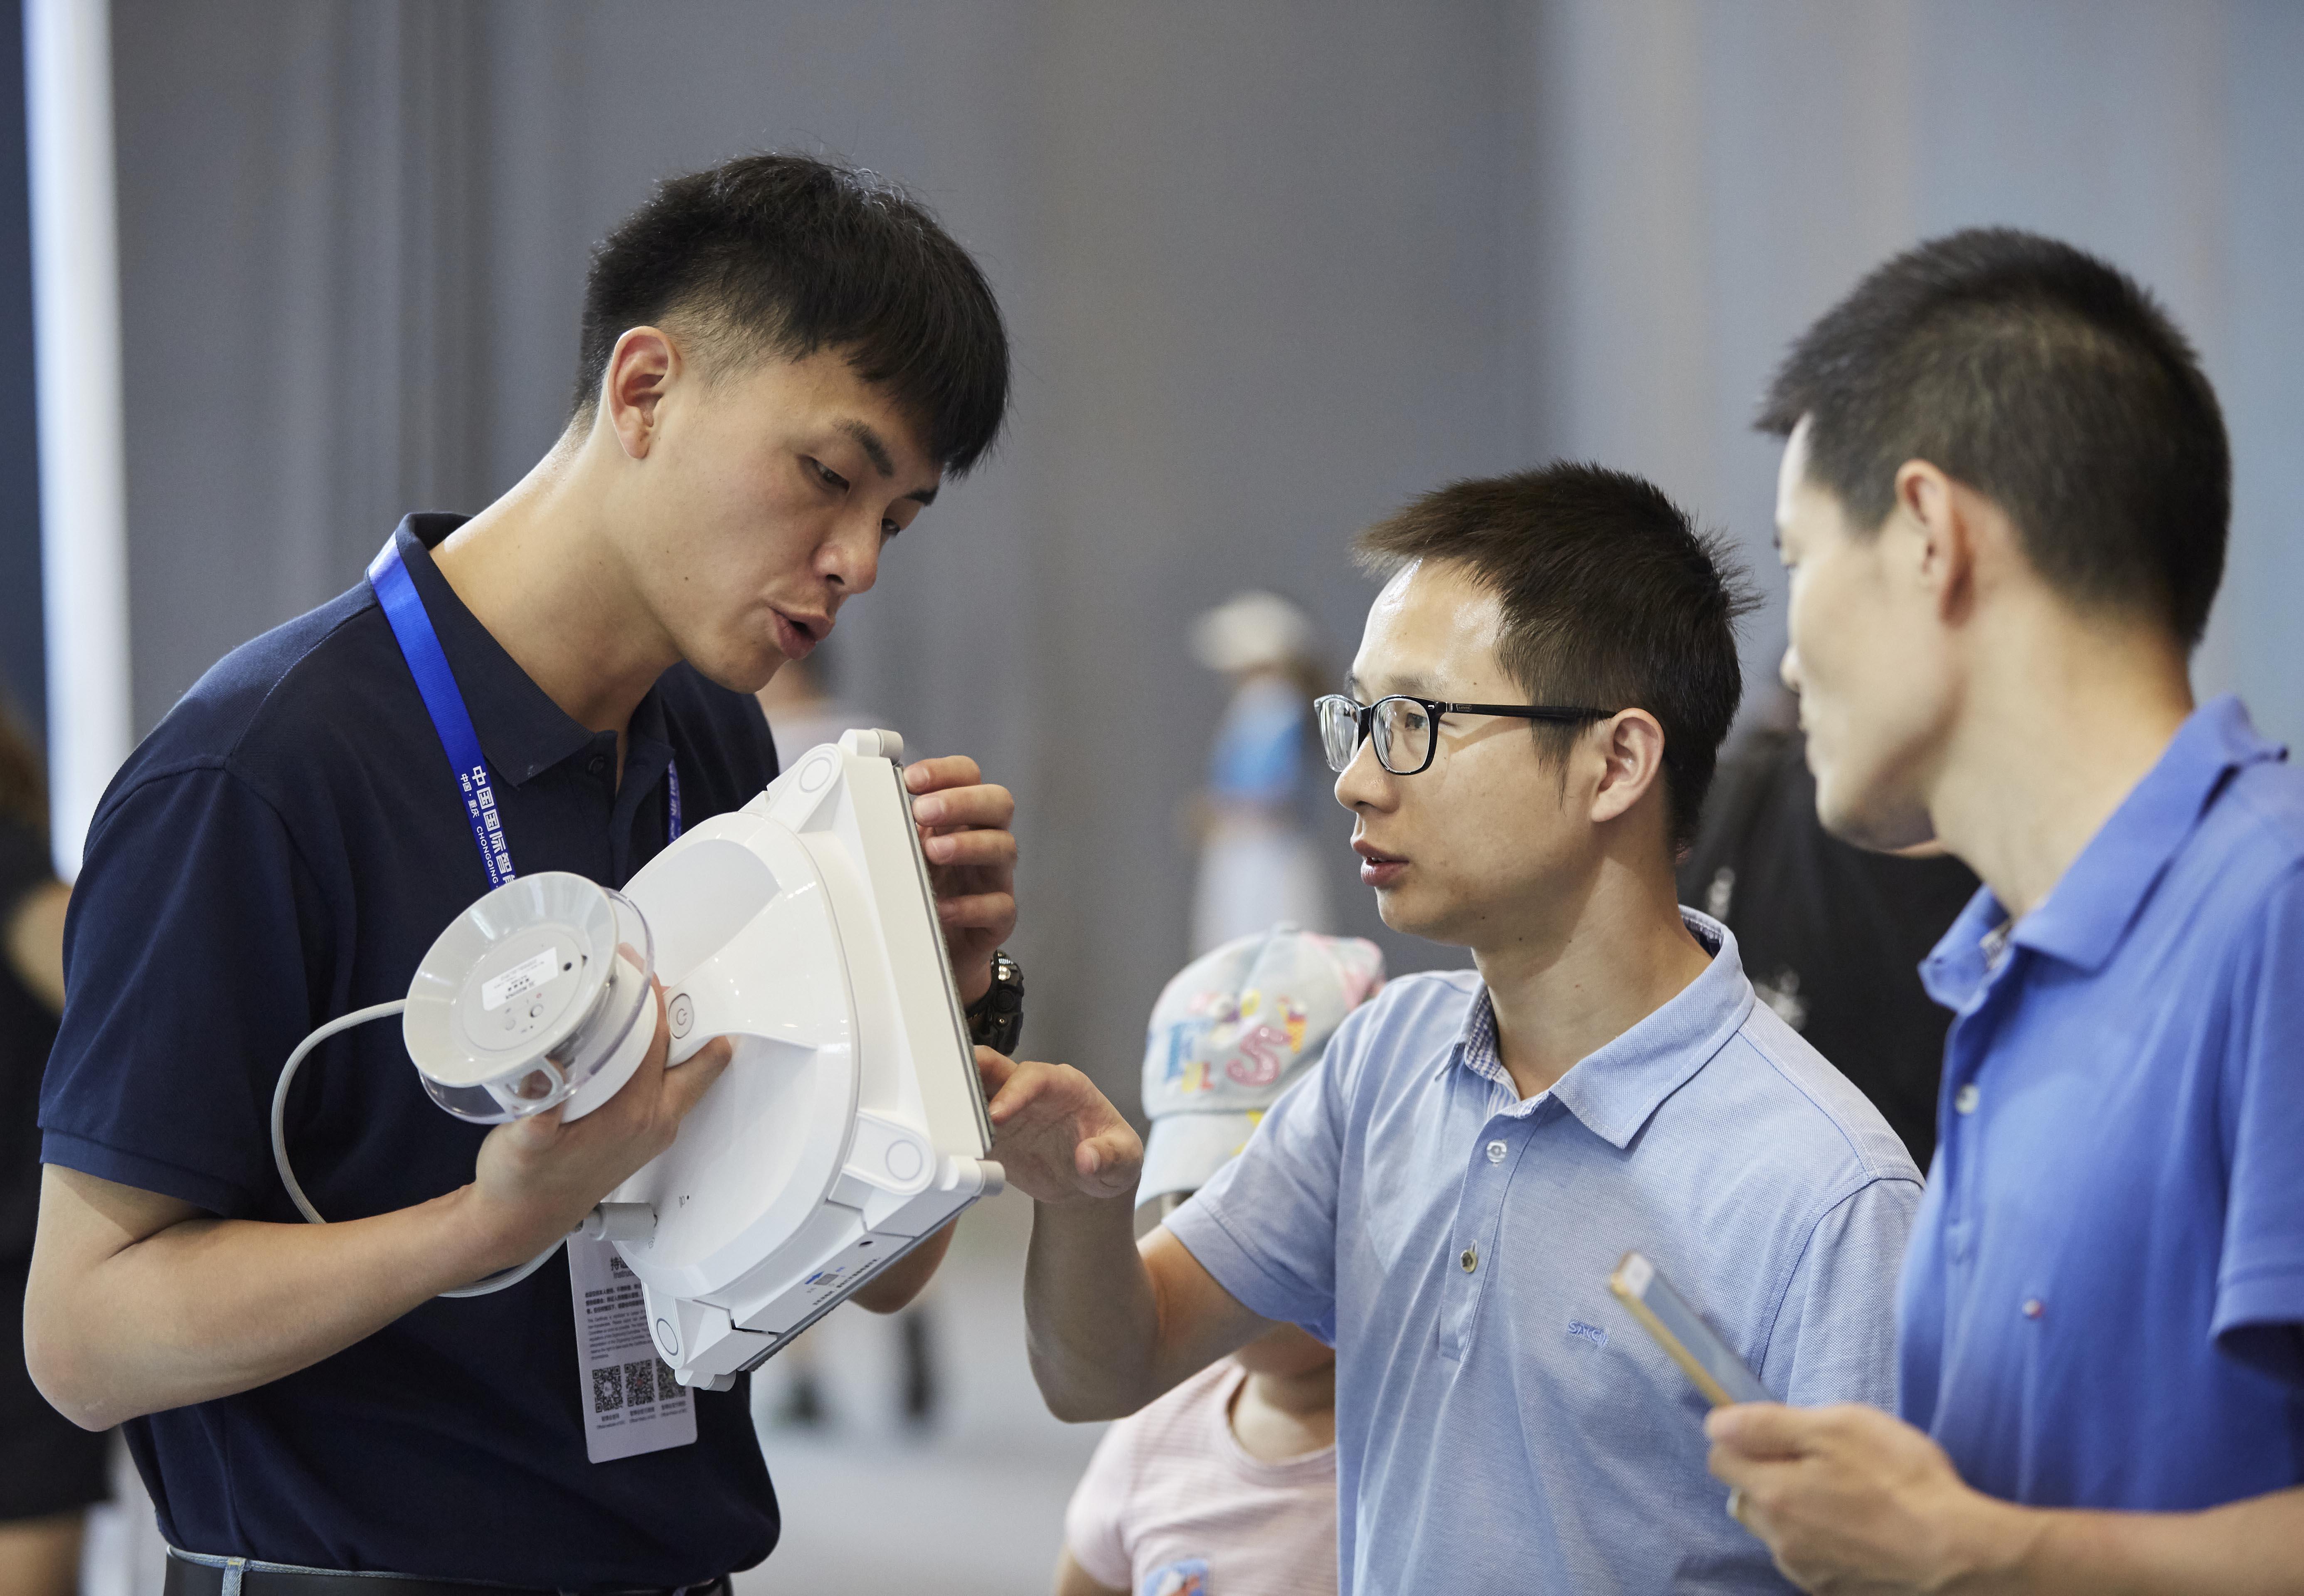 8月23日~8月25日,科沃斯參展於重慶舉辦的中國國際智能產業博覽會